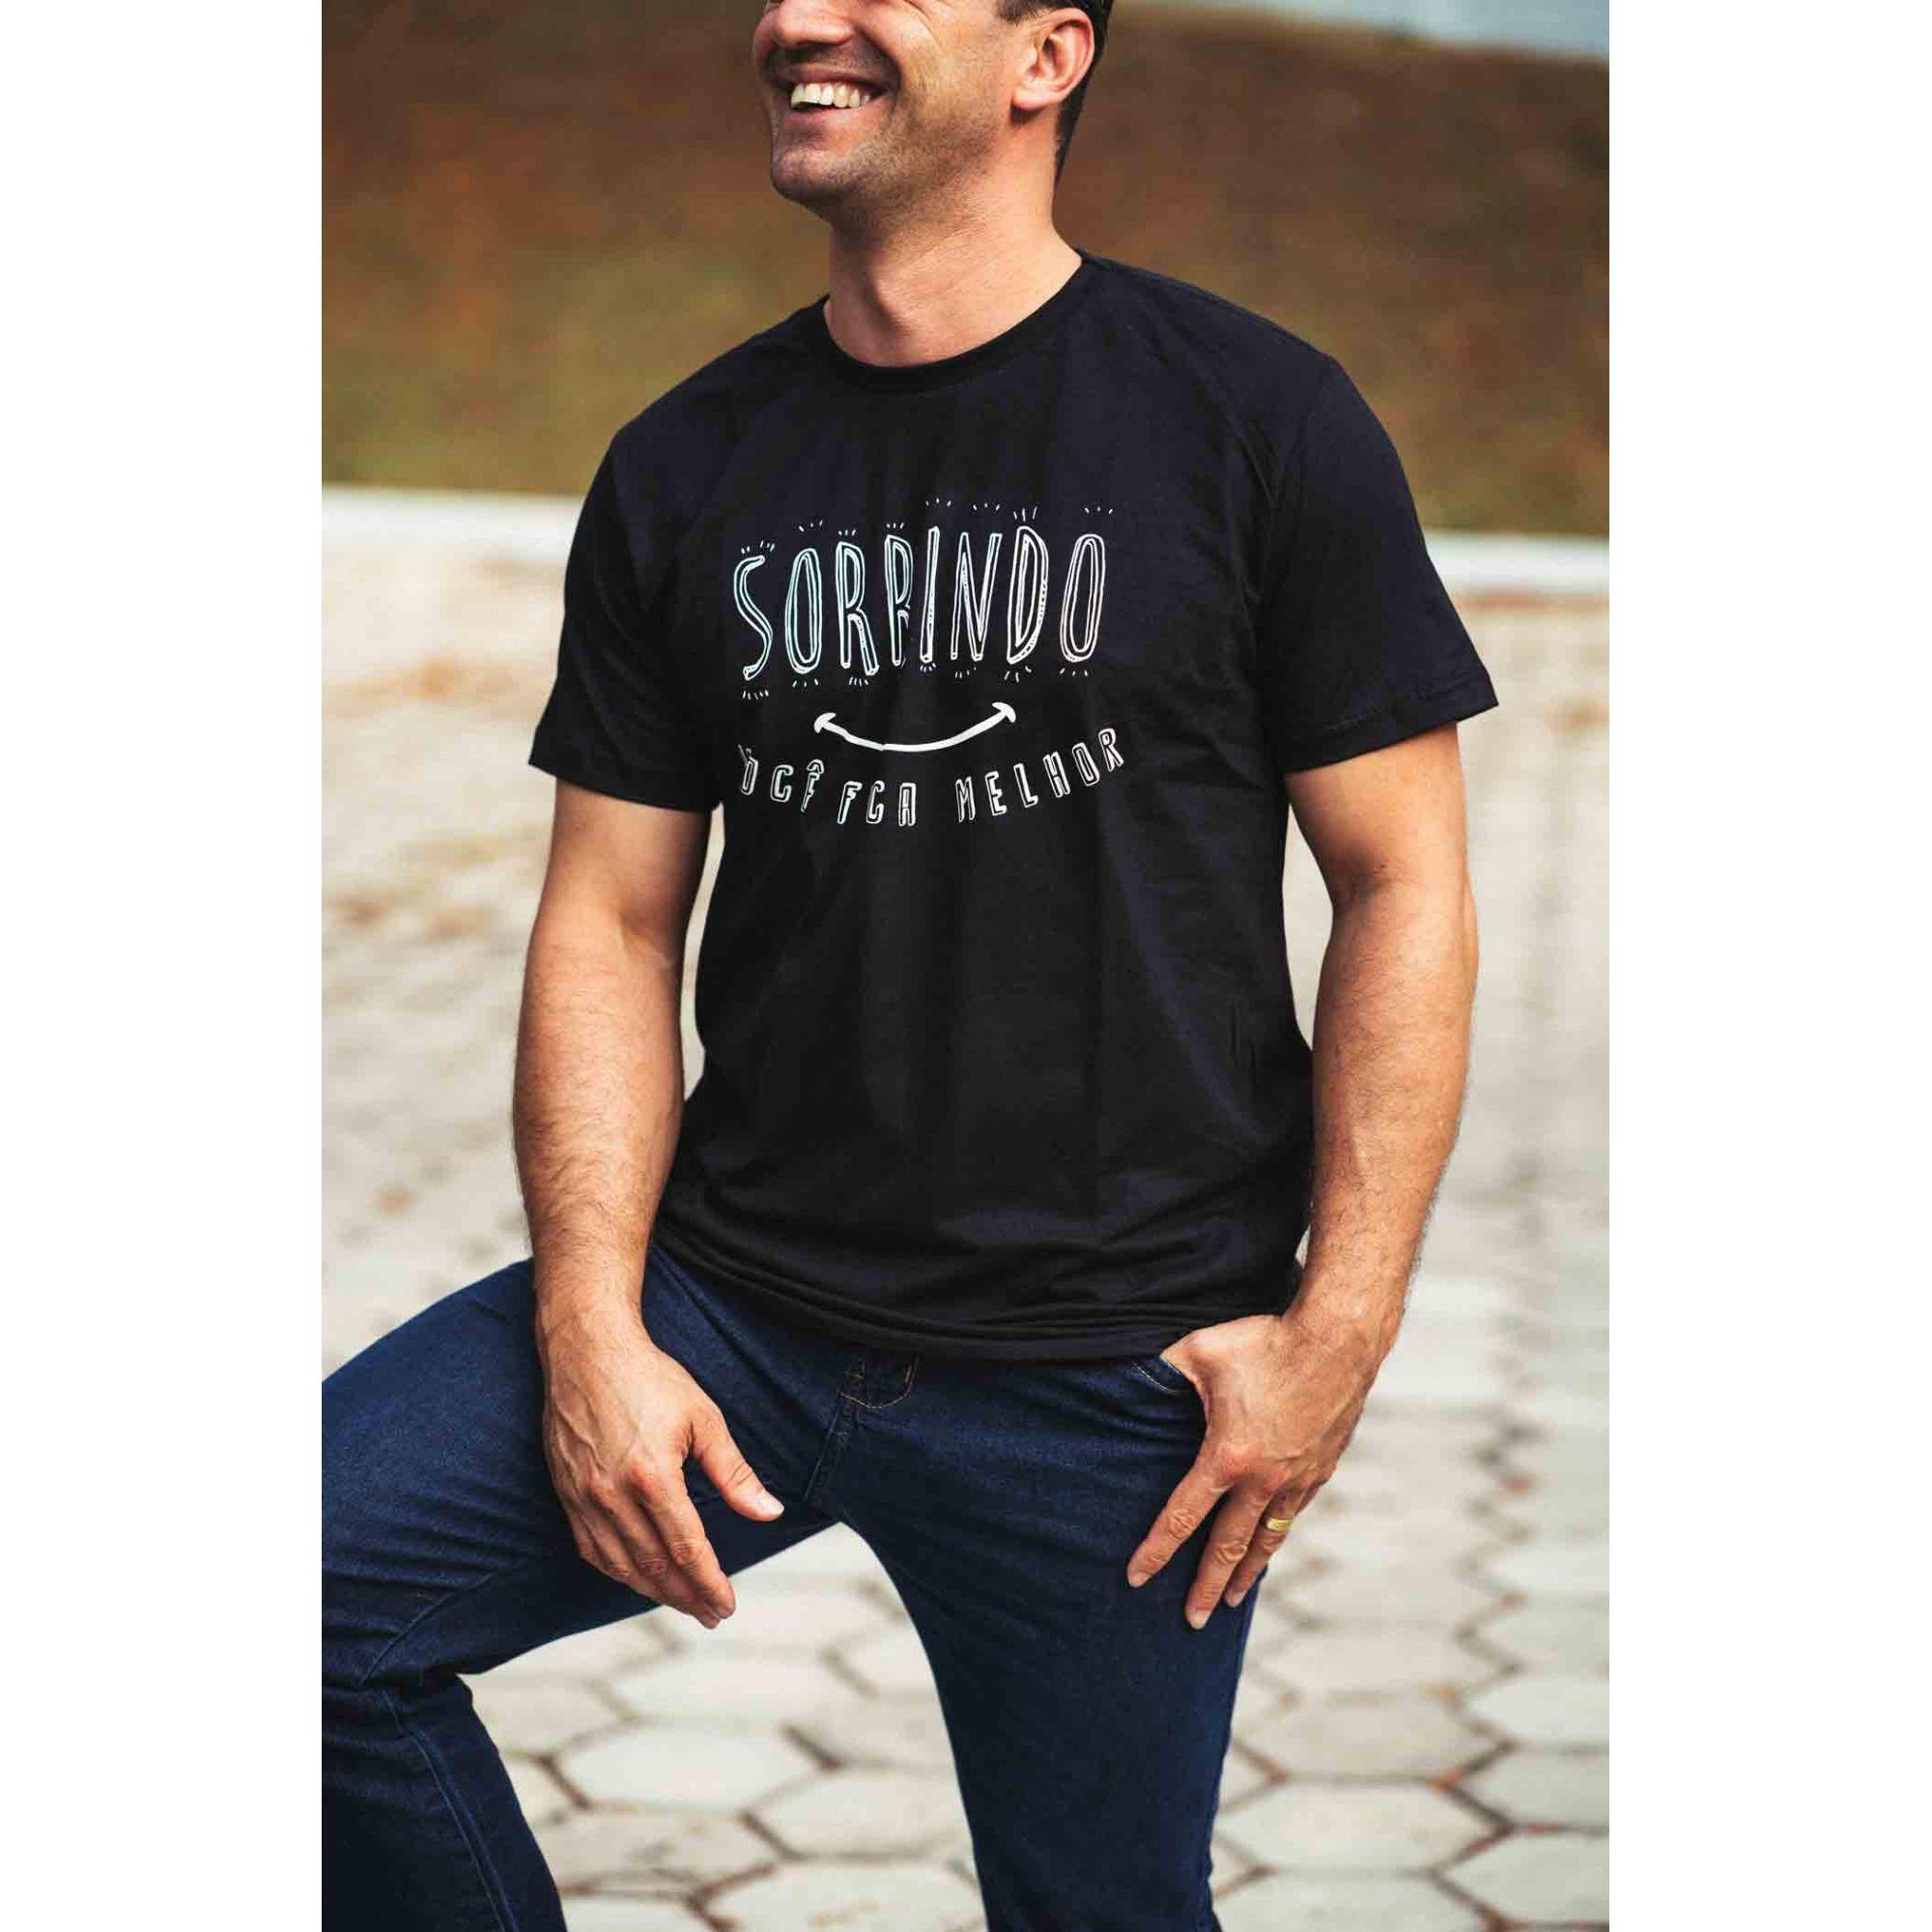 Camiseta masculina Sorrindo você fica melhor  - Loja Amo Família